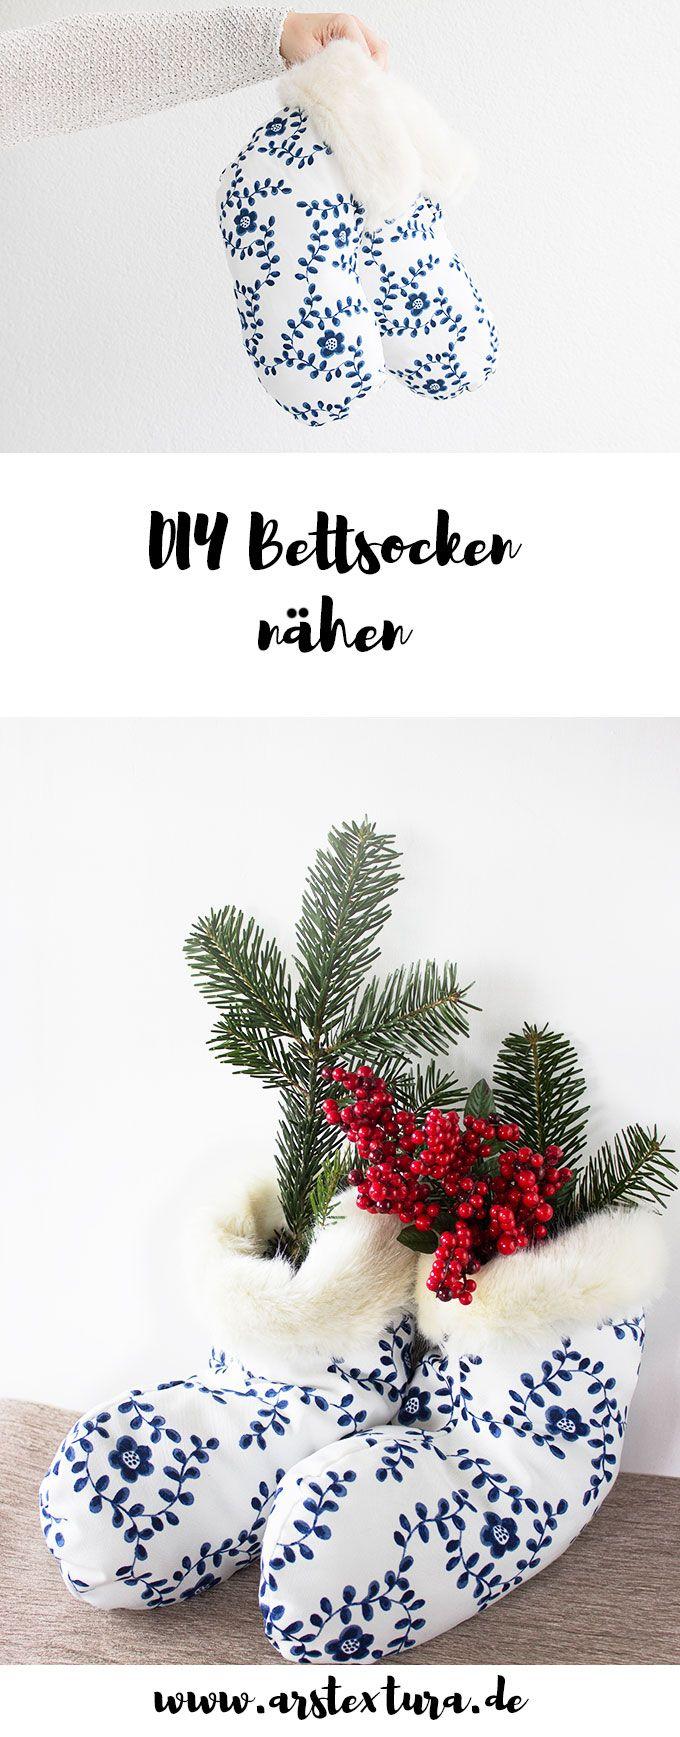 620 besten diy weihnachten bilder auf pinterest geschenke deins und kleine geschenke. Black Bedroom Furniture Sets. Home Design Ideas